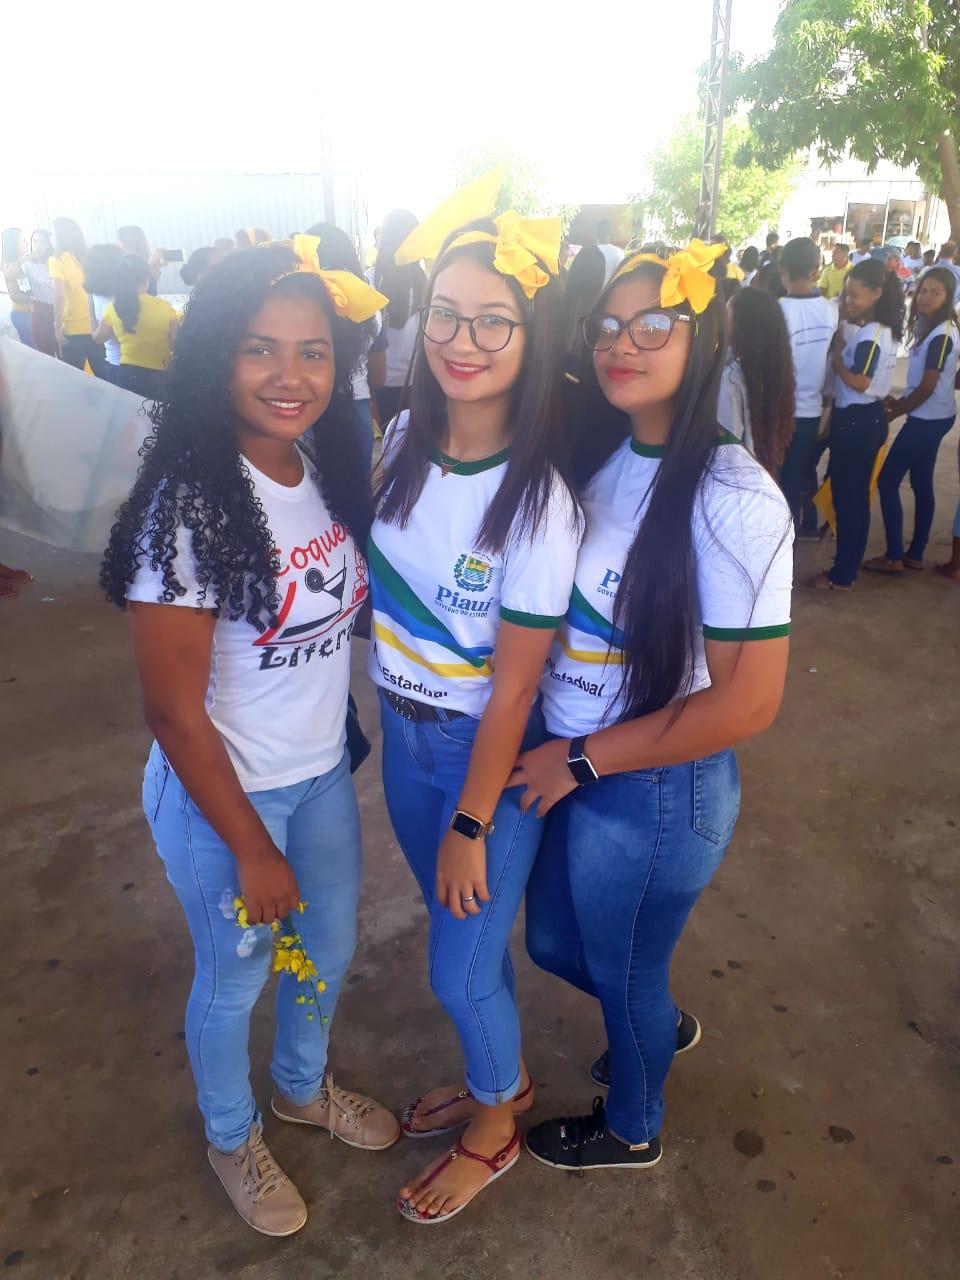 Prefeitura de Barro Duro realiza caminhada pela vida, no Setembro Amarelo - Imagem 22